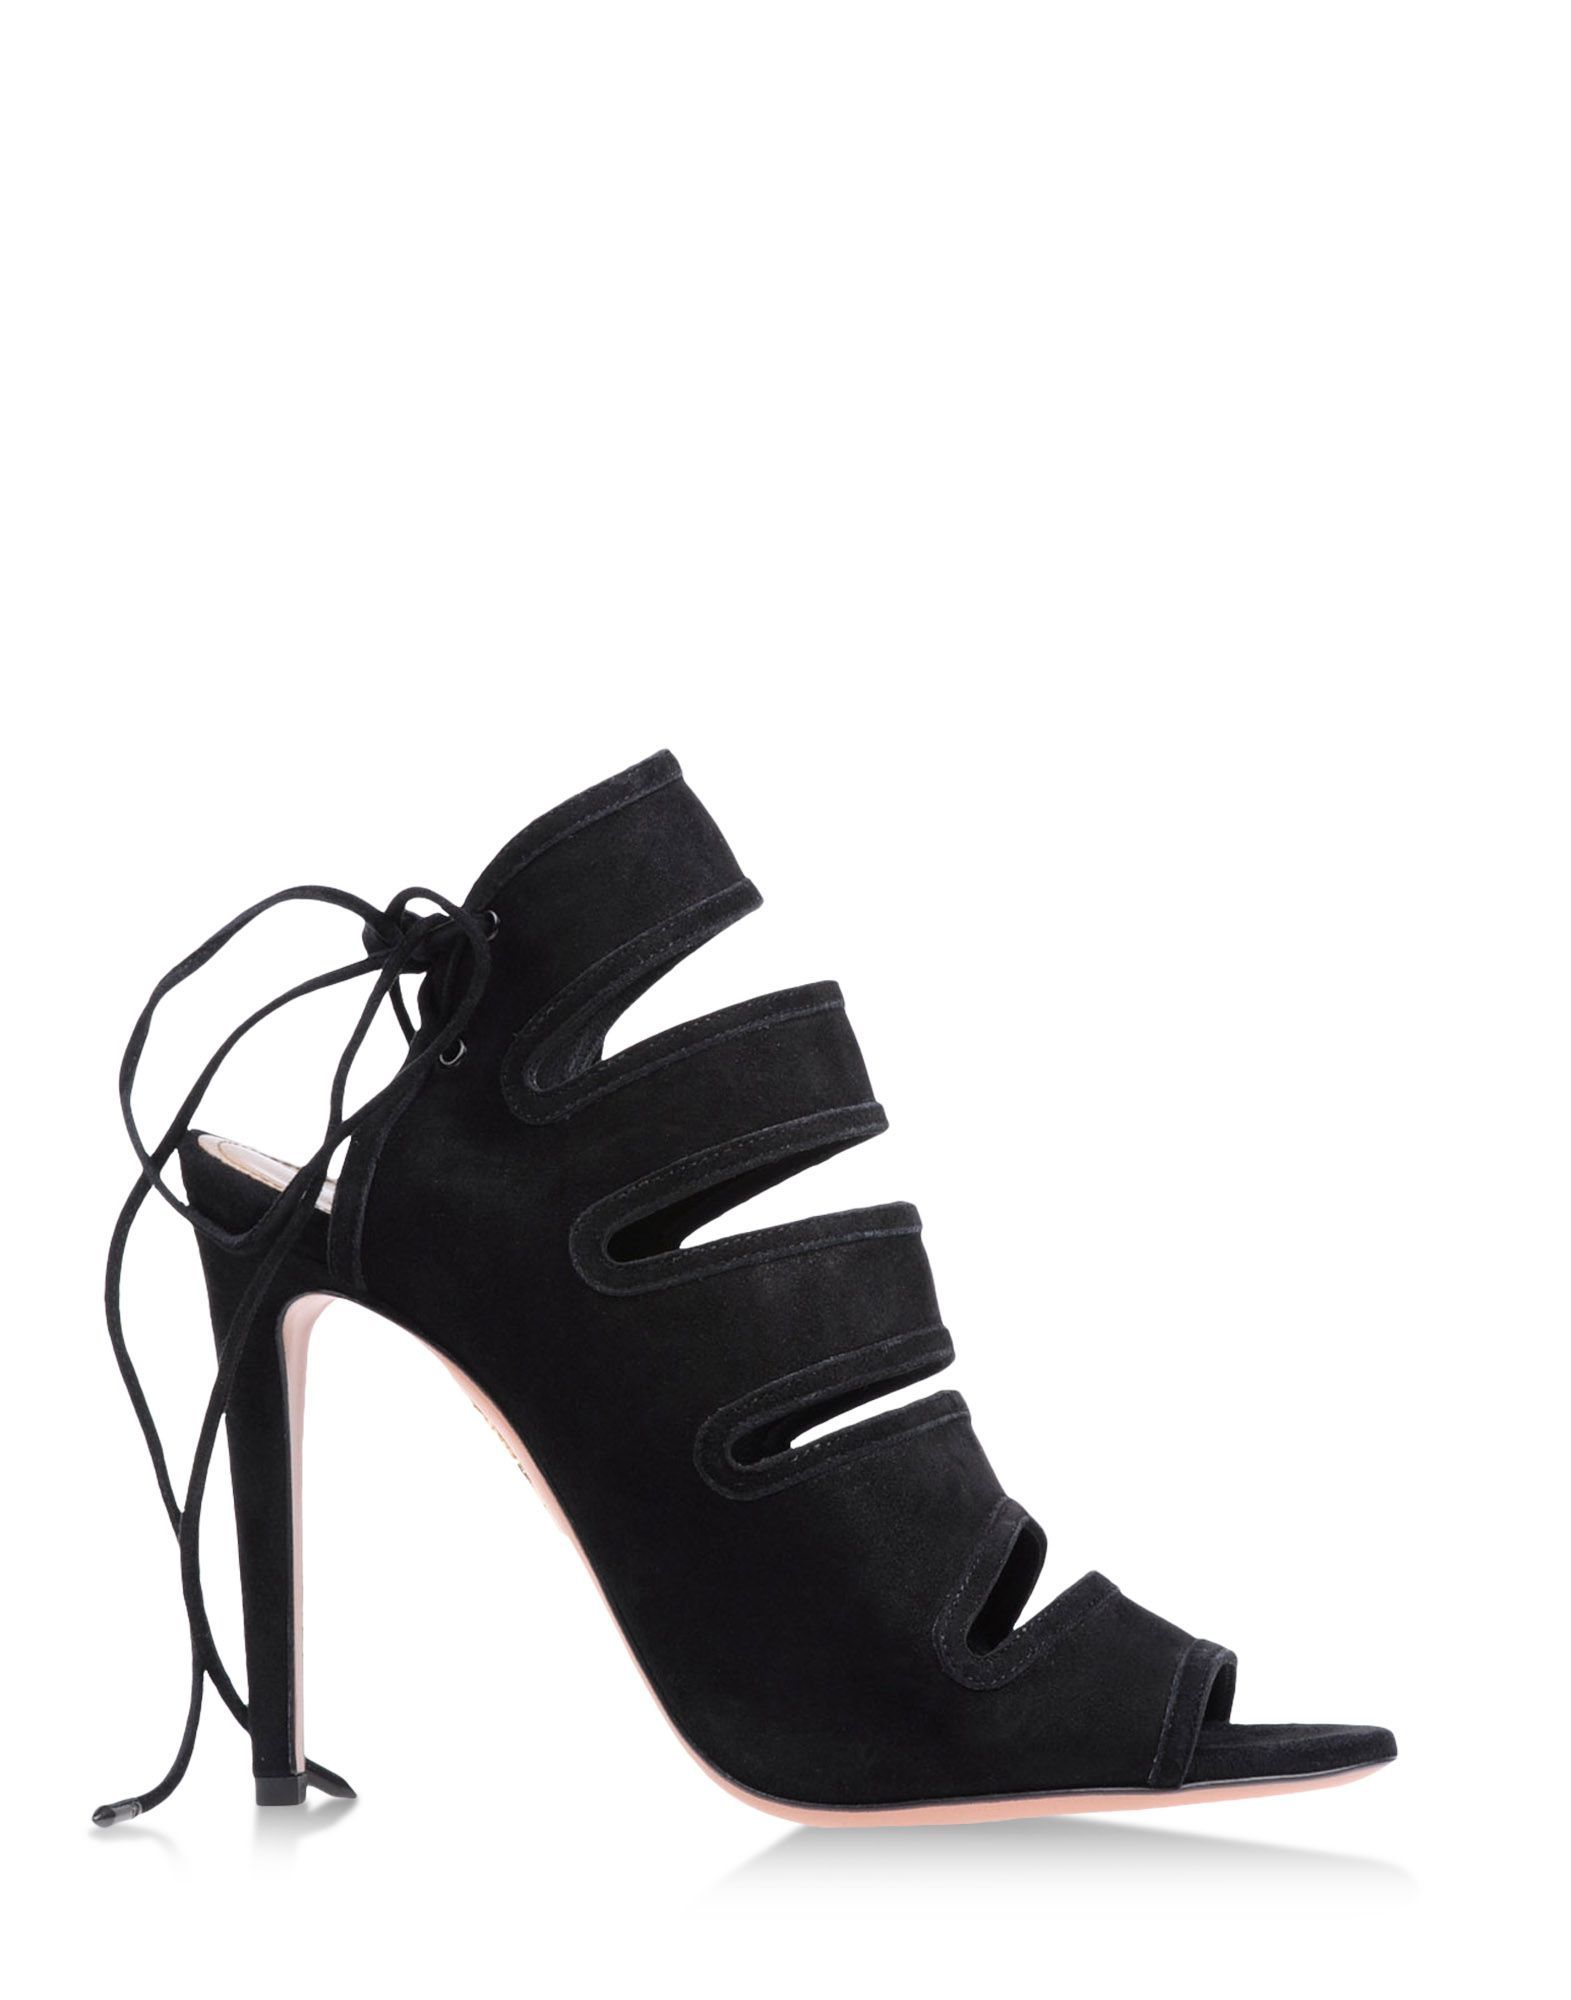 Aquazzura Black Suede Sandal